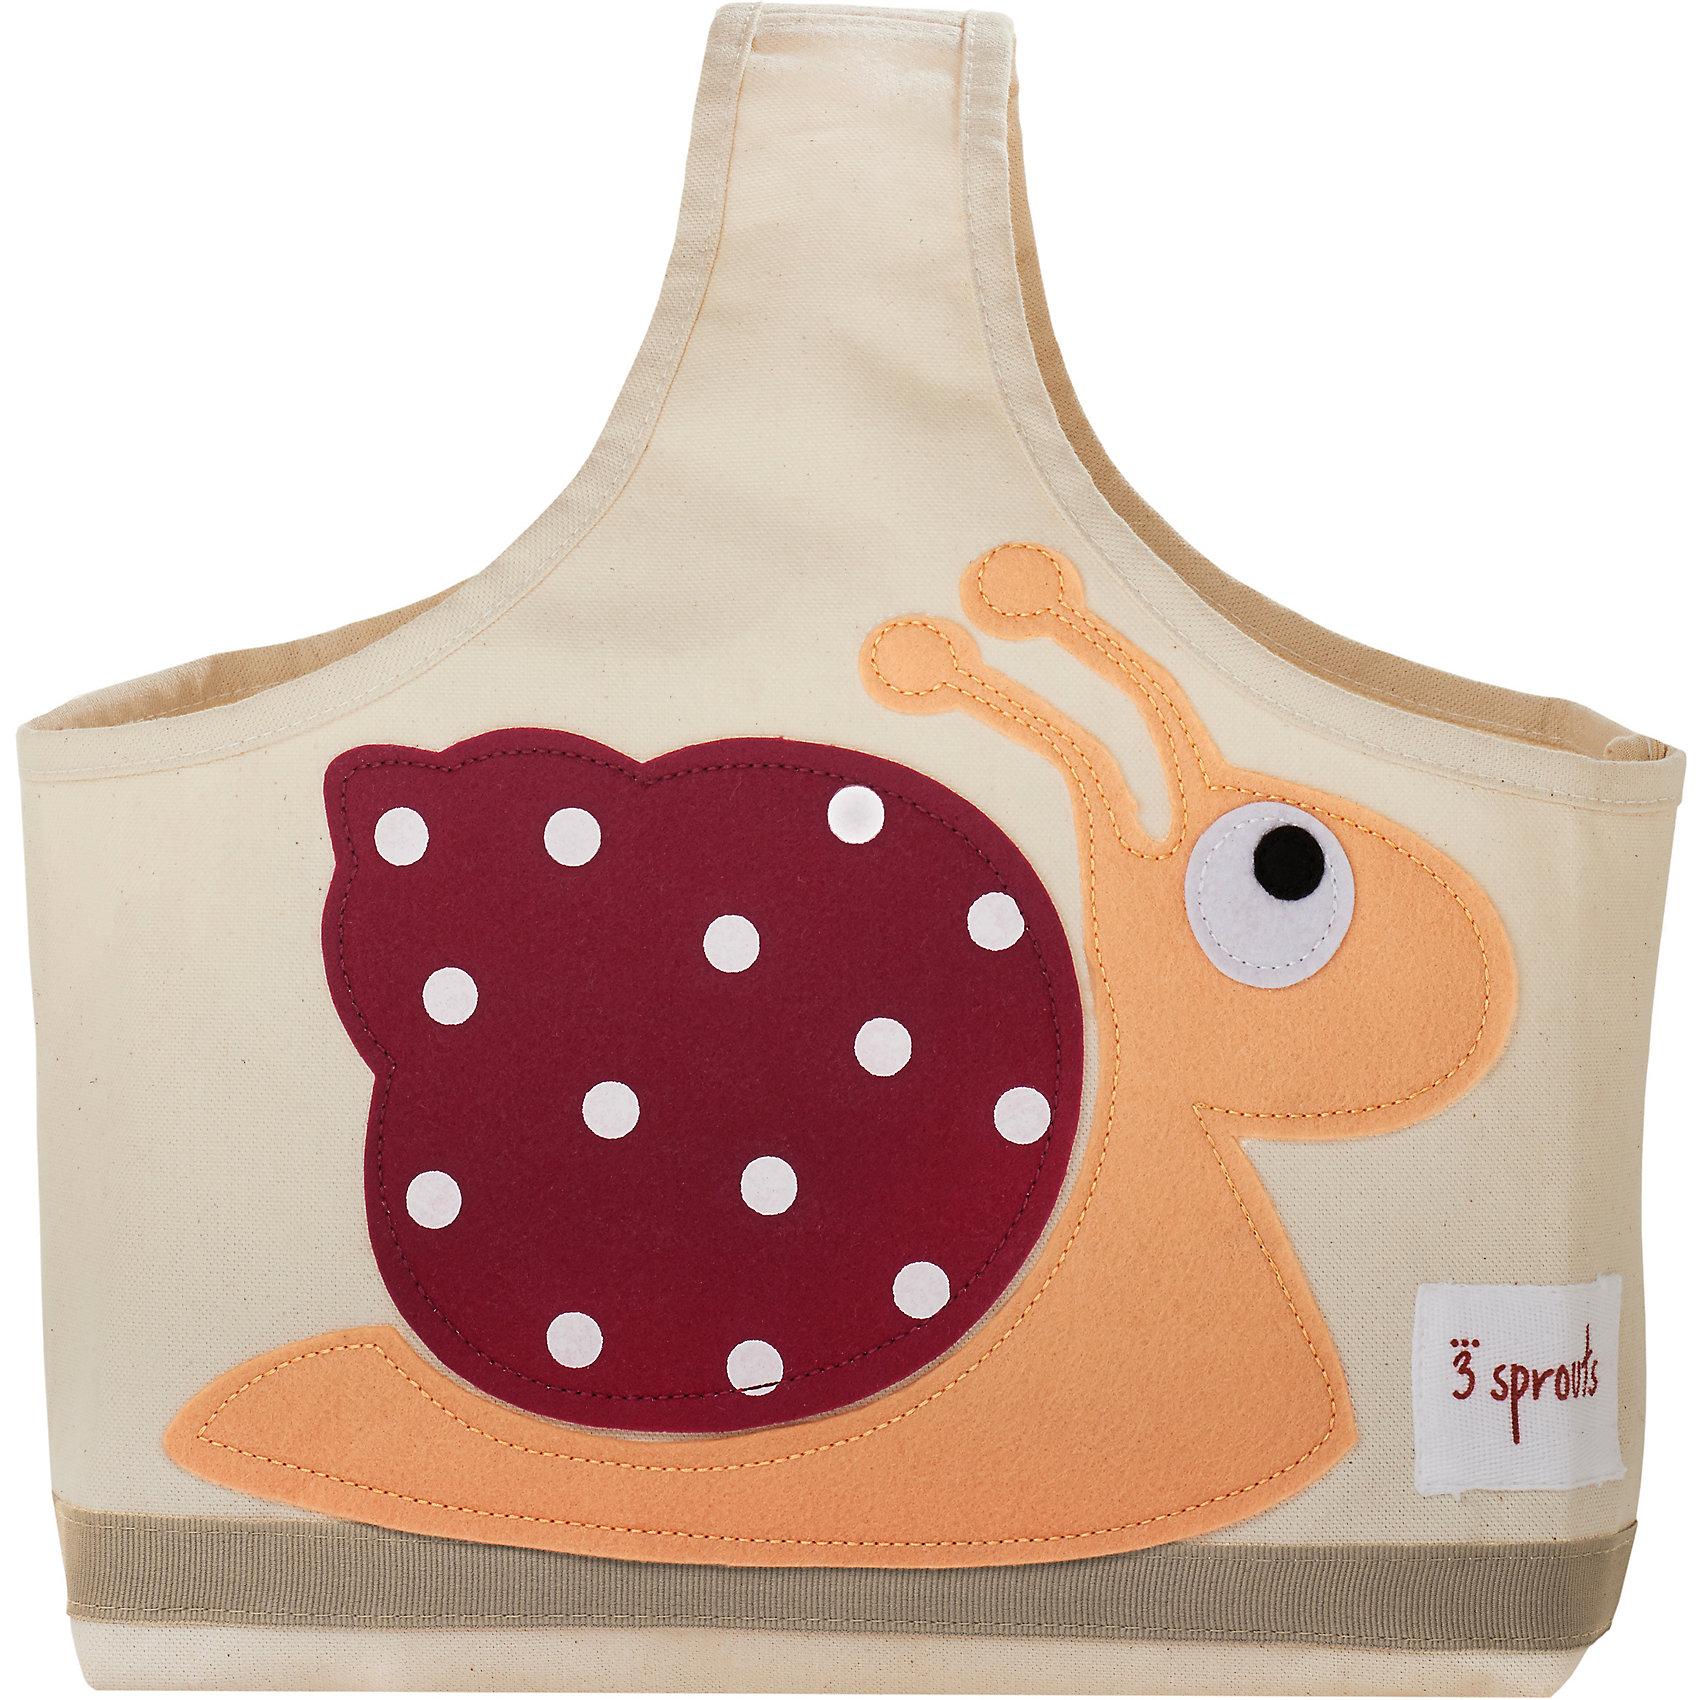 Сумочка для хранения детских принадлежностей Улитка (Red Snail), 3 SproutsПорядок в детской<br>Яркая сумочка - это идеальное решение для хранения детских принадлежностей. Изготовленная из хлопкового брезента и фетра, она является прекрасным контейнером для хранения и переноски любых детских принадлежностей.<br><br>Дополнительная информация:<br><br>- Размер: 38x30x14 см.<br>- Материал: хлопок, фетр, полиэстер.<br>- Орнамент: Улитка.<br><br>Купить сумочку для хранения детских принадлежностей Улитка (Red Snail), можно в нашем магазине.<br><br>Ширина мм: 320<br>Глубина мм: 240<br>Высота мм: 20<br>Вес г: 234<br>Возраст от месяцев: 6<br>Возраст до месяцев: 84<br>Пол: Унисекс<br>Возраст: Детский<br>SKU: 5098236